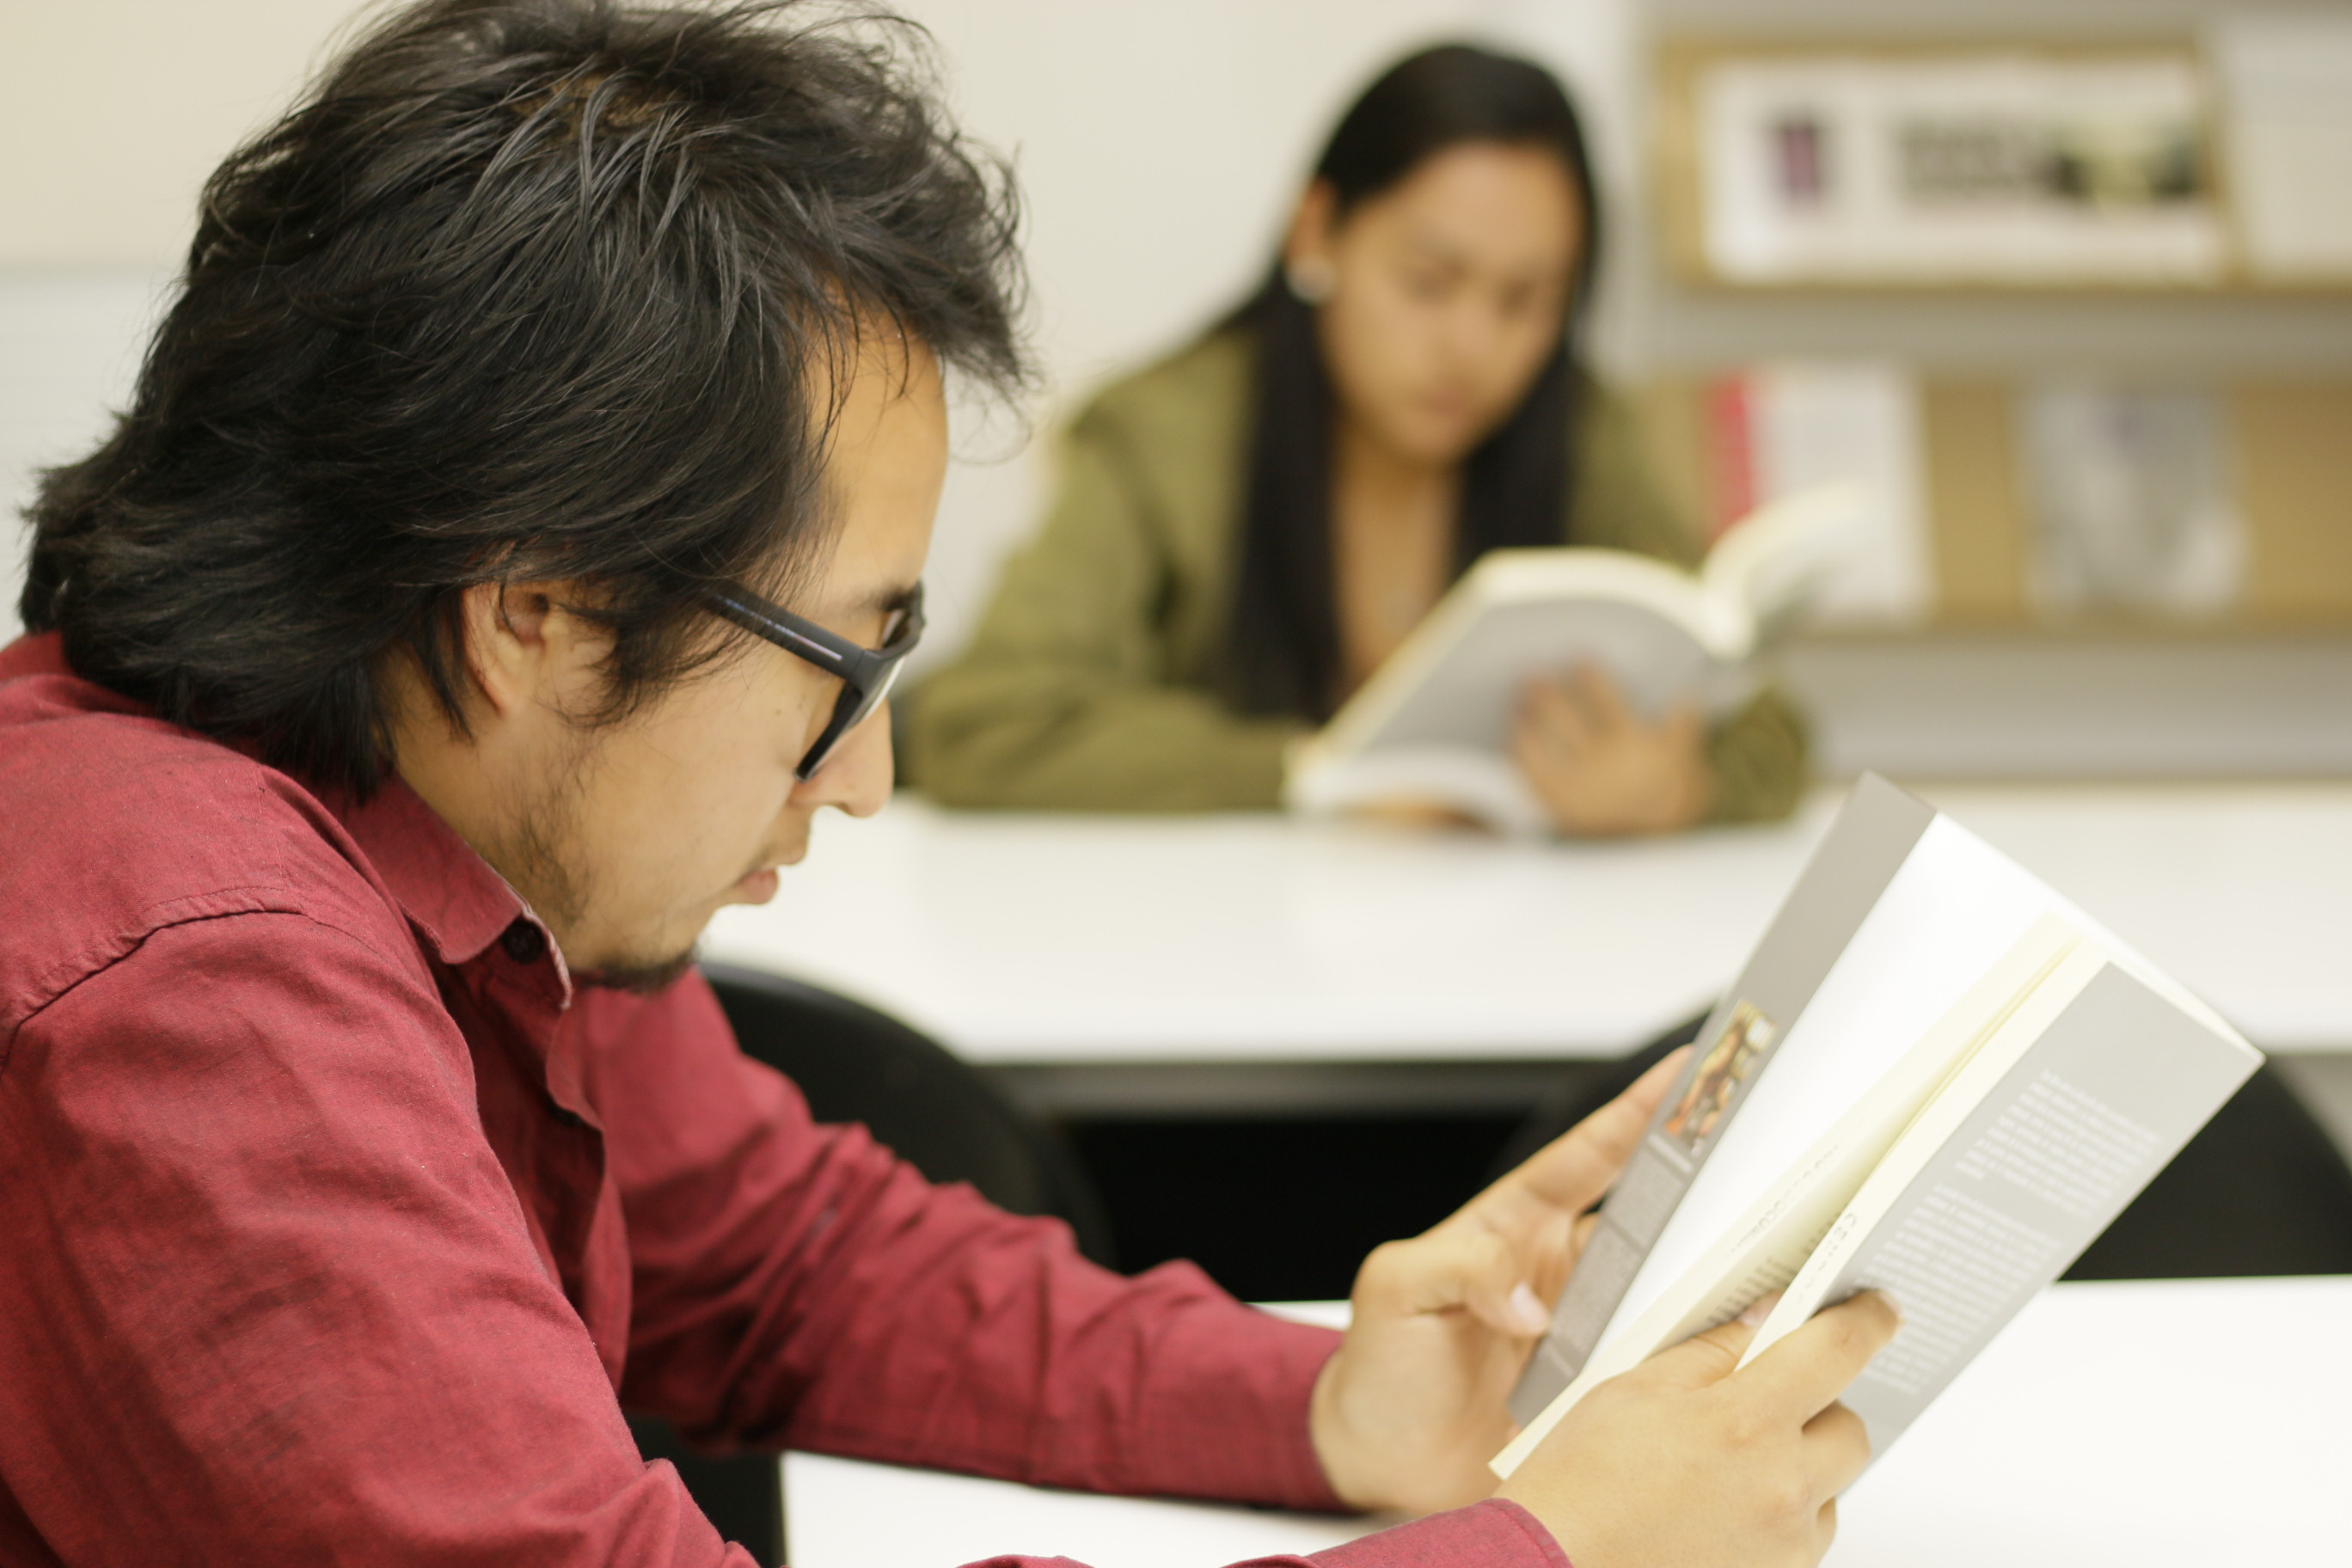 Las y los ganadores de la convocatoria podrán ganar vales para adquirir libros en el FCE, un diploma  y un bono económico desde los $6,000.00 hasta $10,000.00.